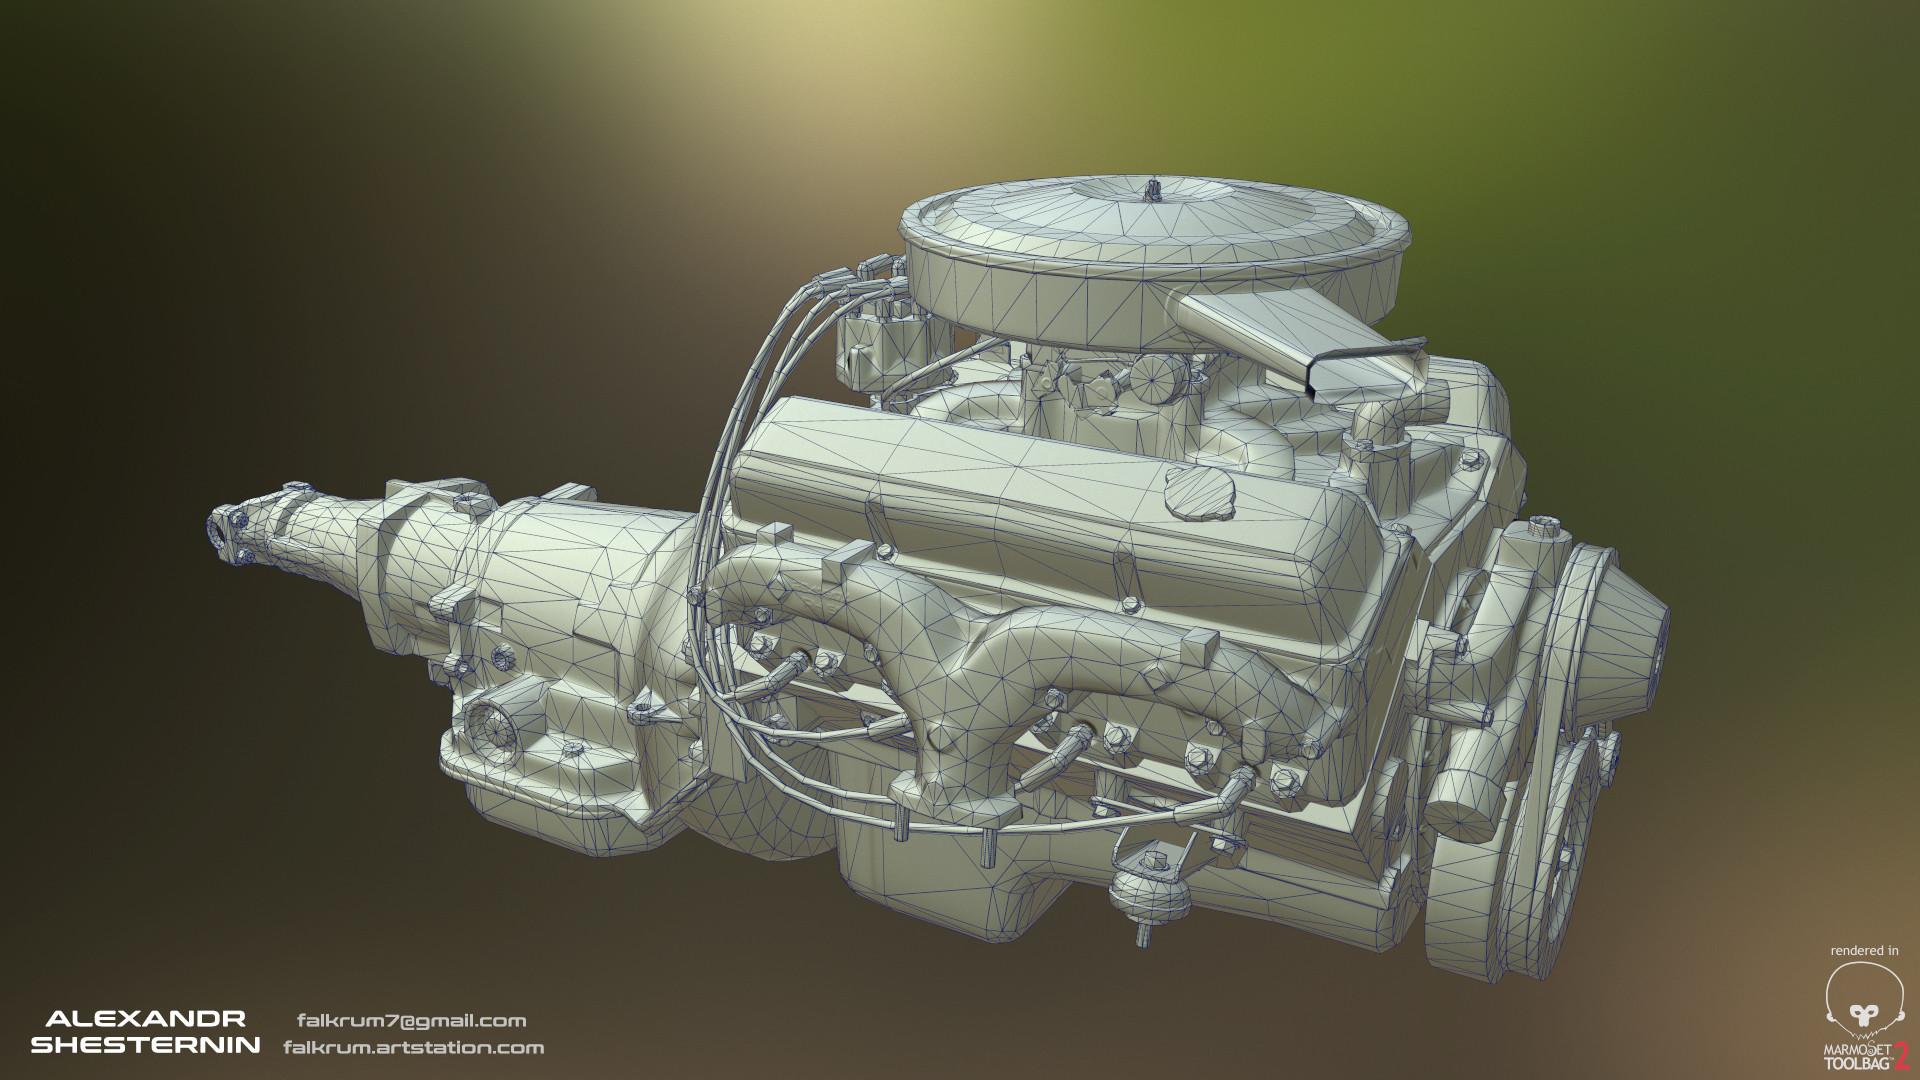 Alexandr shesternin engine05